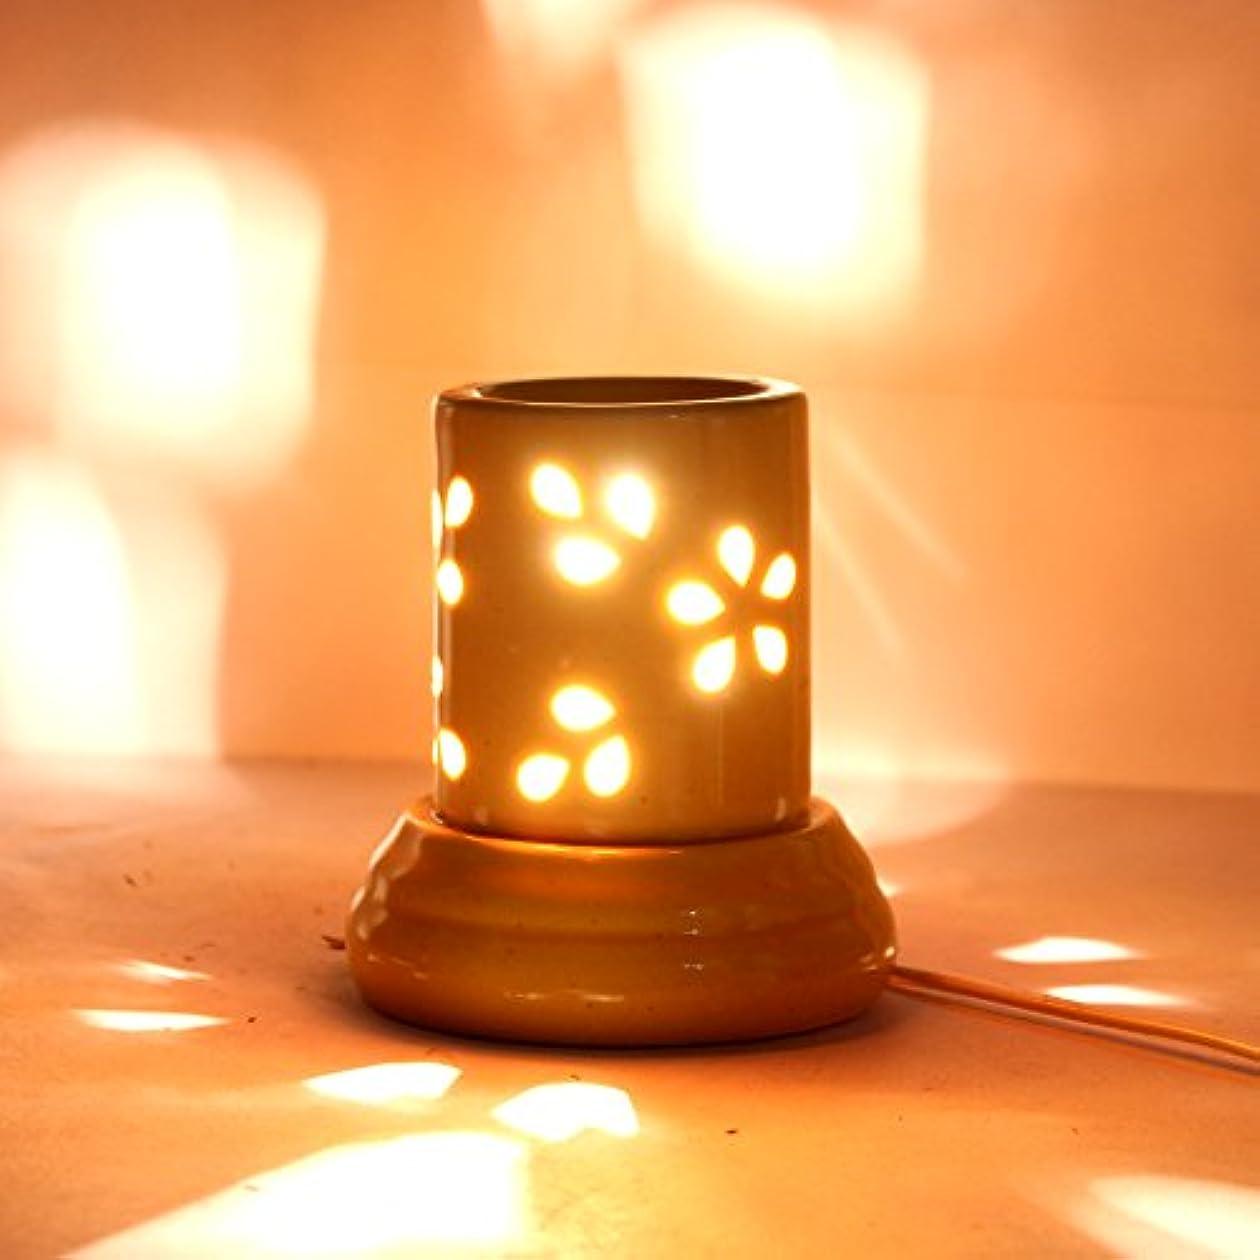 ノミネート報酬乳インドホームインテリア定期的な使用法汚染フリーハンドメイドセラミック粘土電気アロマオイルバーナー&ティーライトランプ/良質ホワイトカラー電気アロマオイルバーナーまたはアロマオイルディフューザー数量1